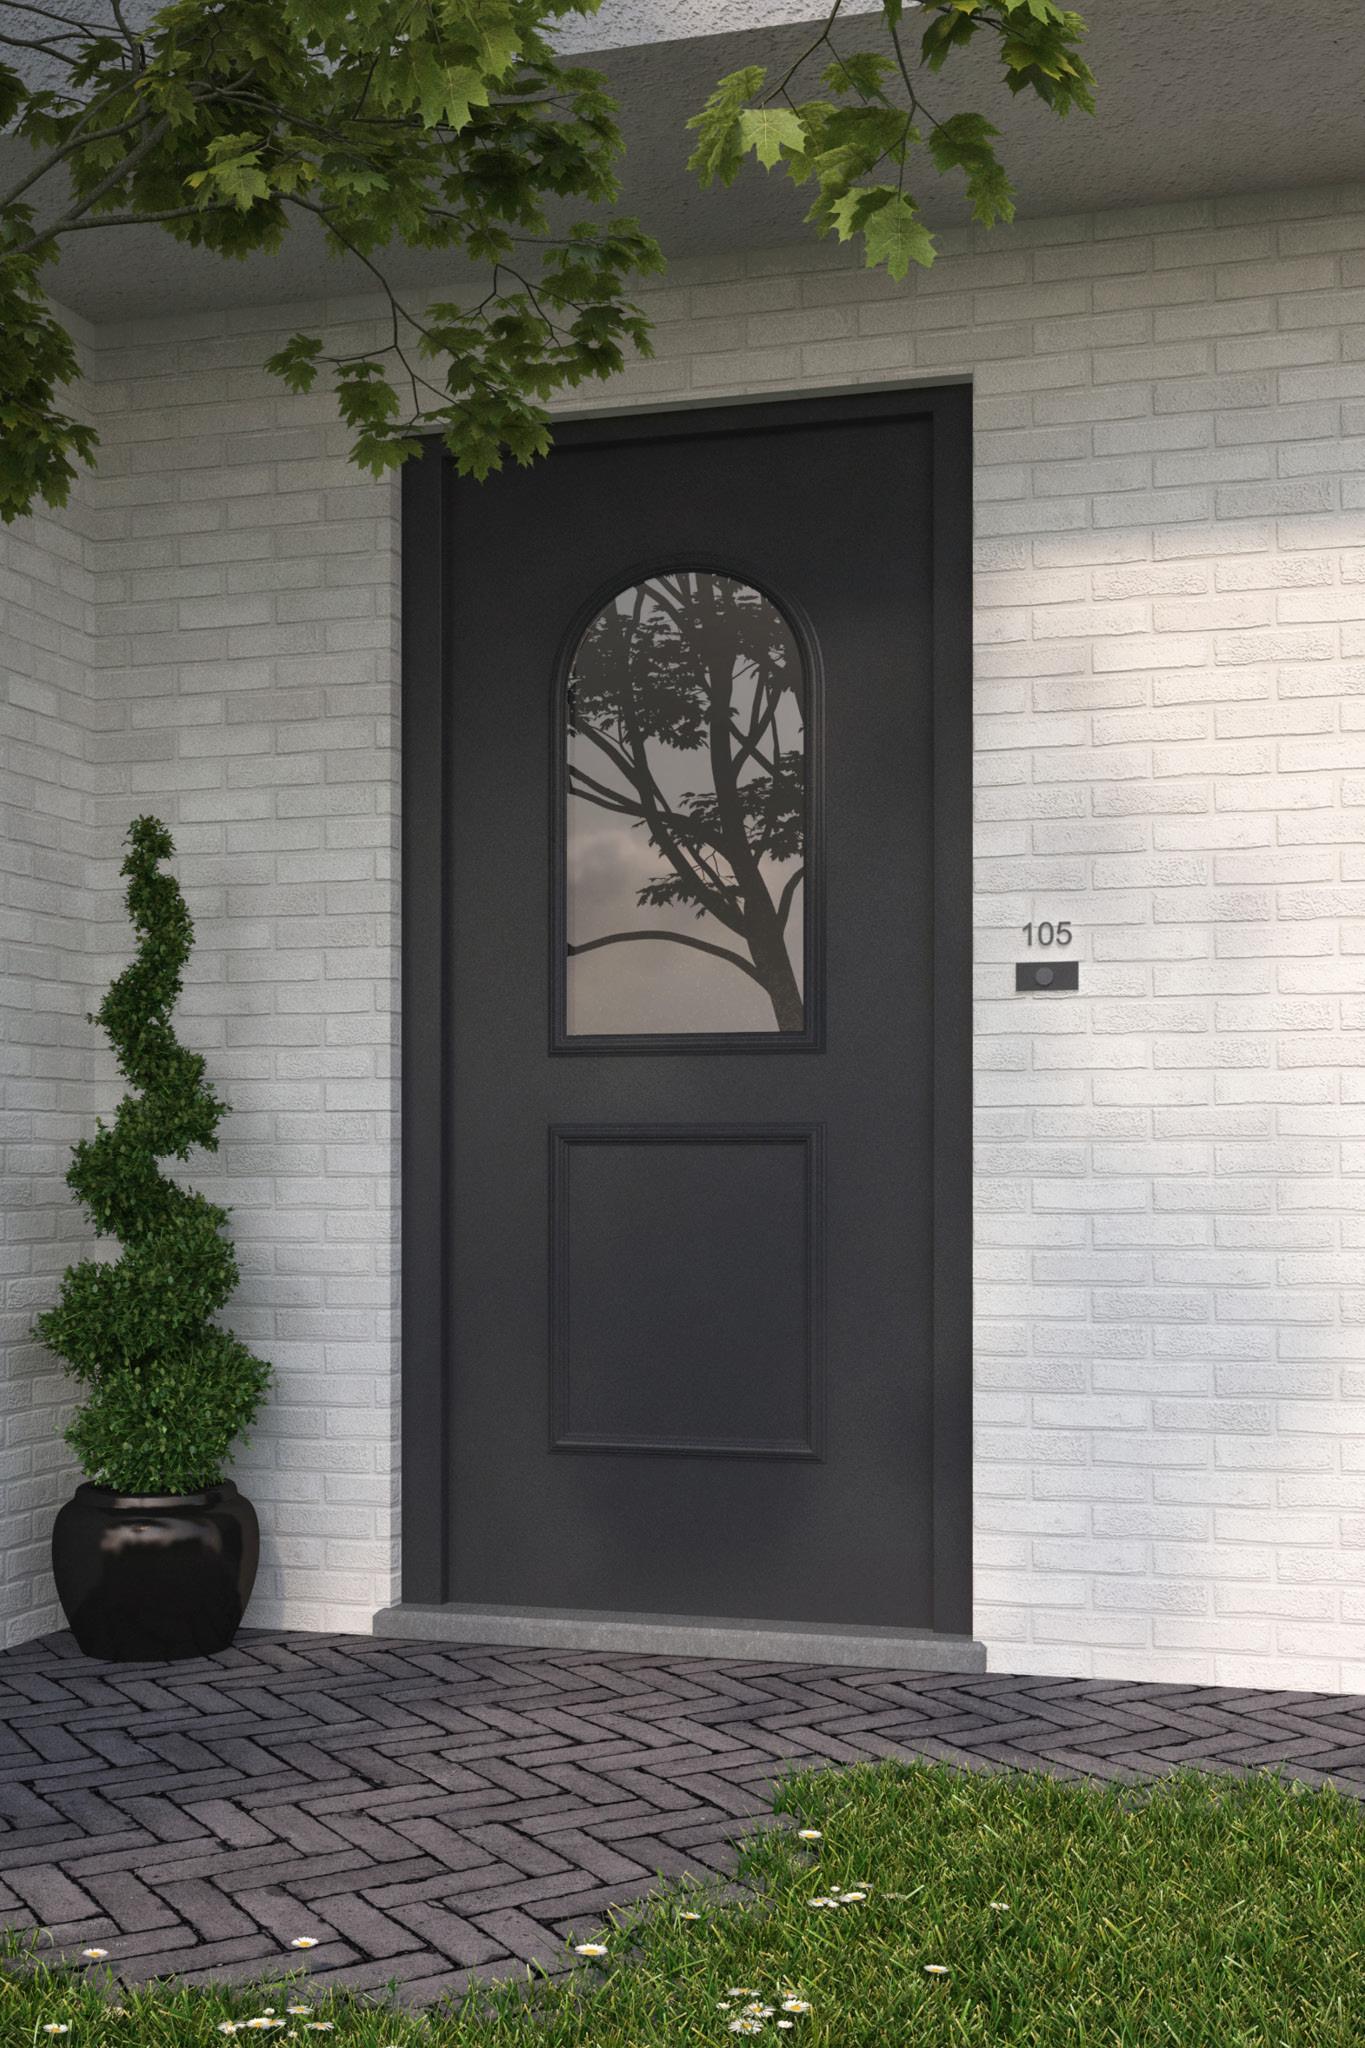 Porte d'entrée de maison : Voici la gamme Alufix